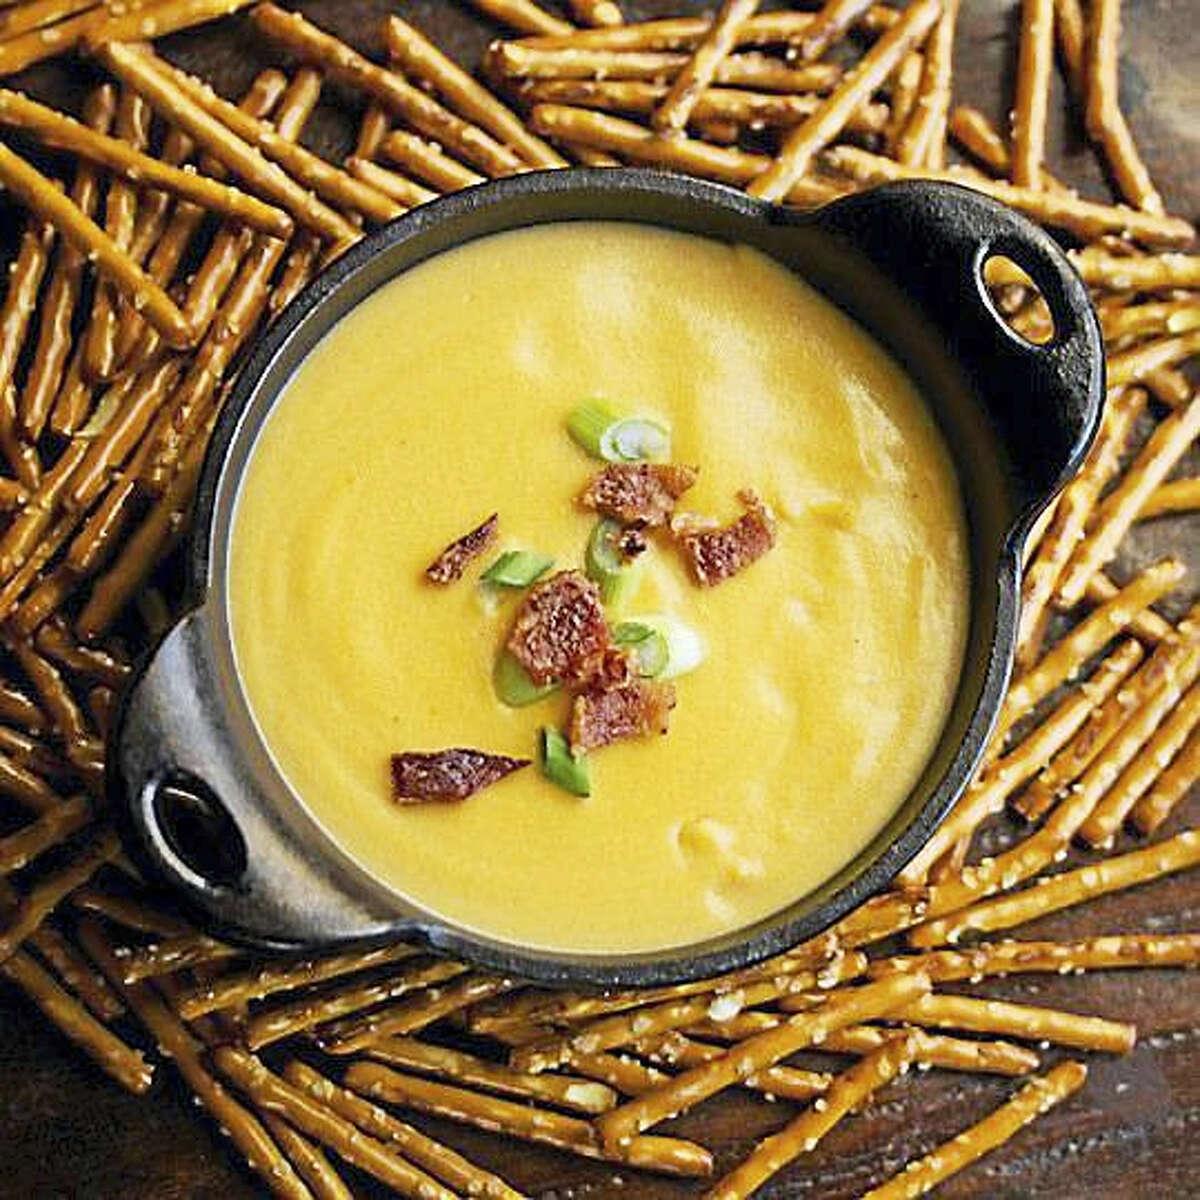 Serve pretzels, pretzel bread or crudites alongside the warm beer and cheddar dip.